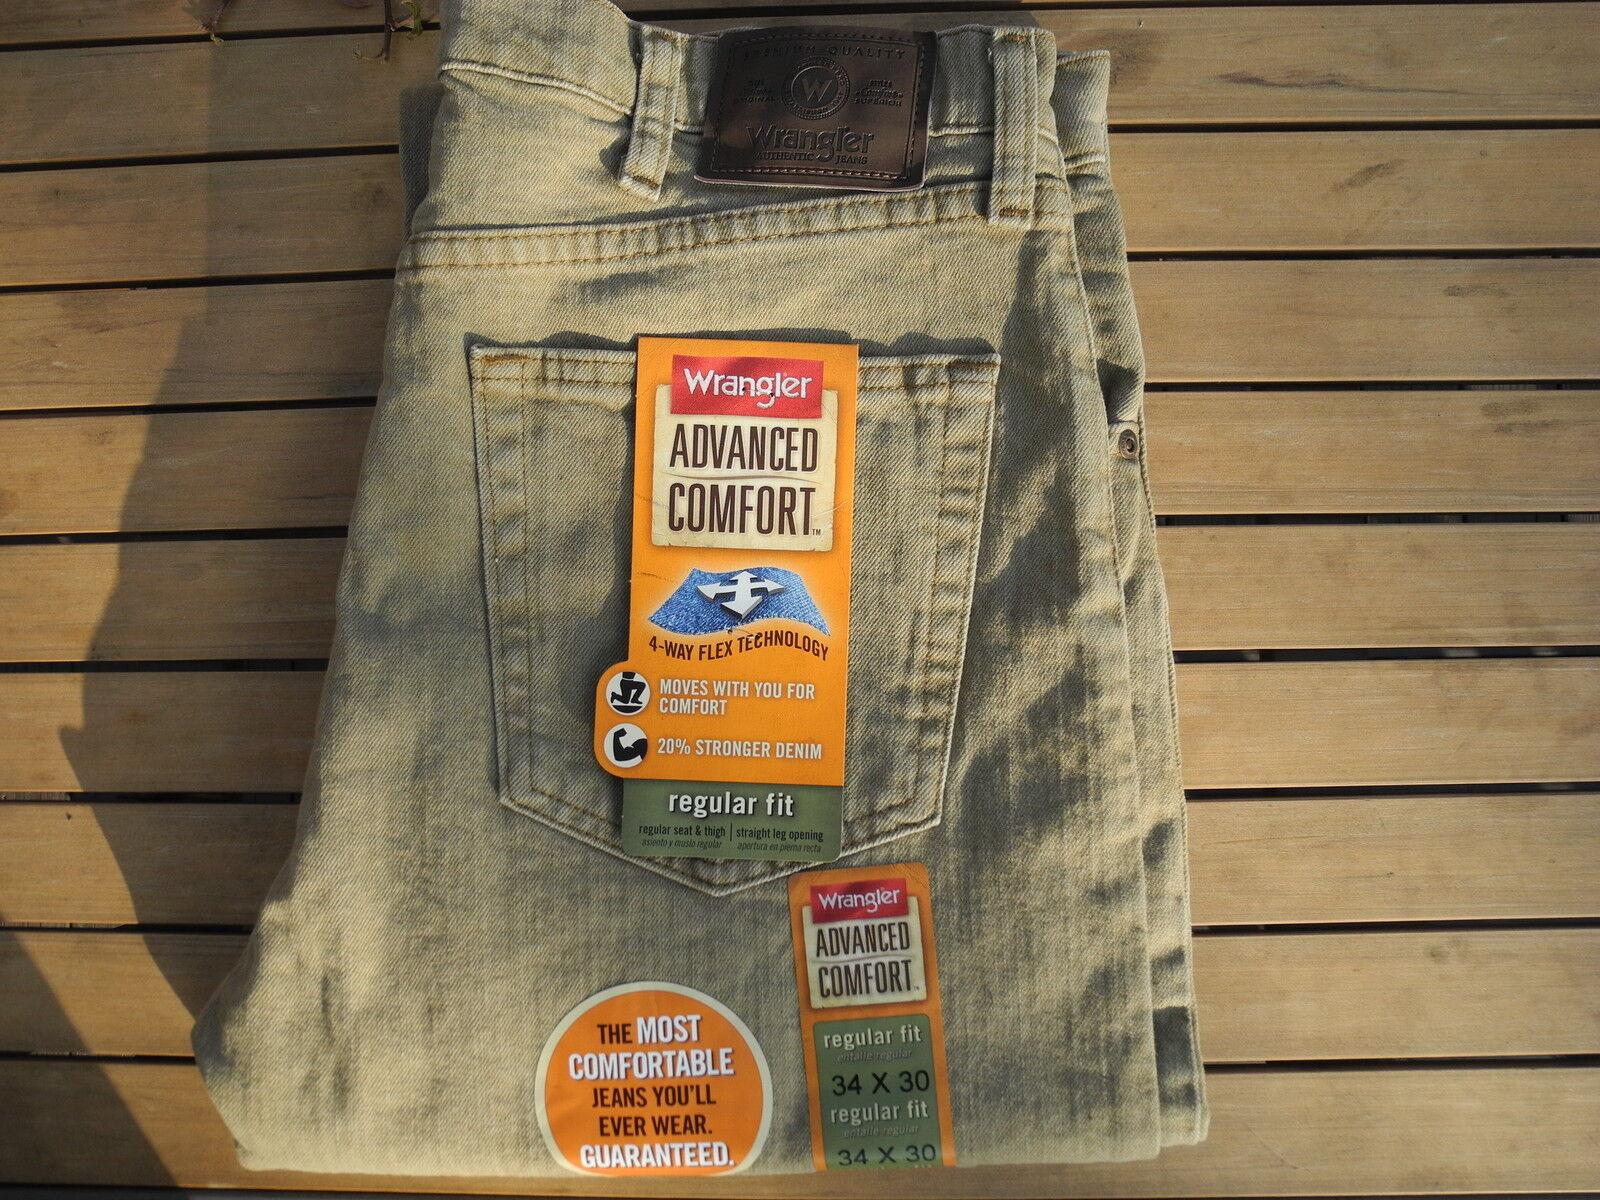 WRANGLER ADVANCE COMFORT Stretch HERREN JEANS regular fit  NEU Viele Größen  | Elegante Und Stabile Verpackung  | Verkauf  | Charakteristisch